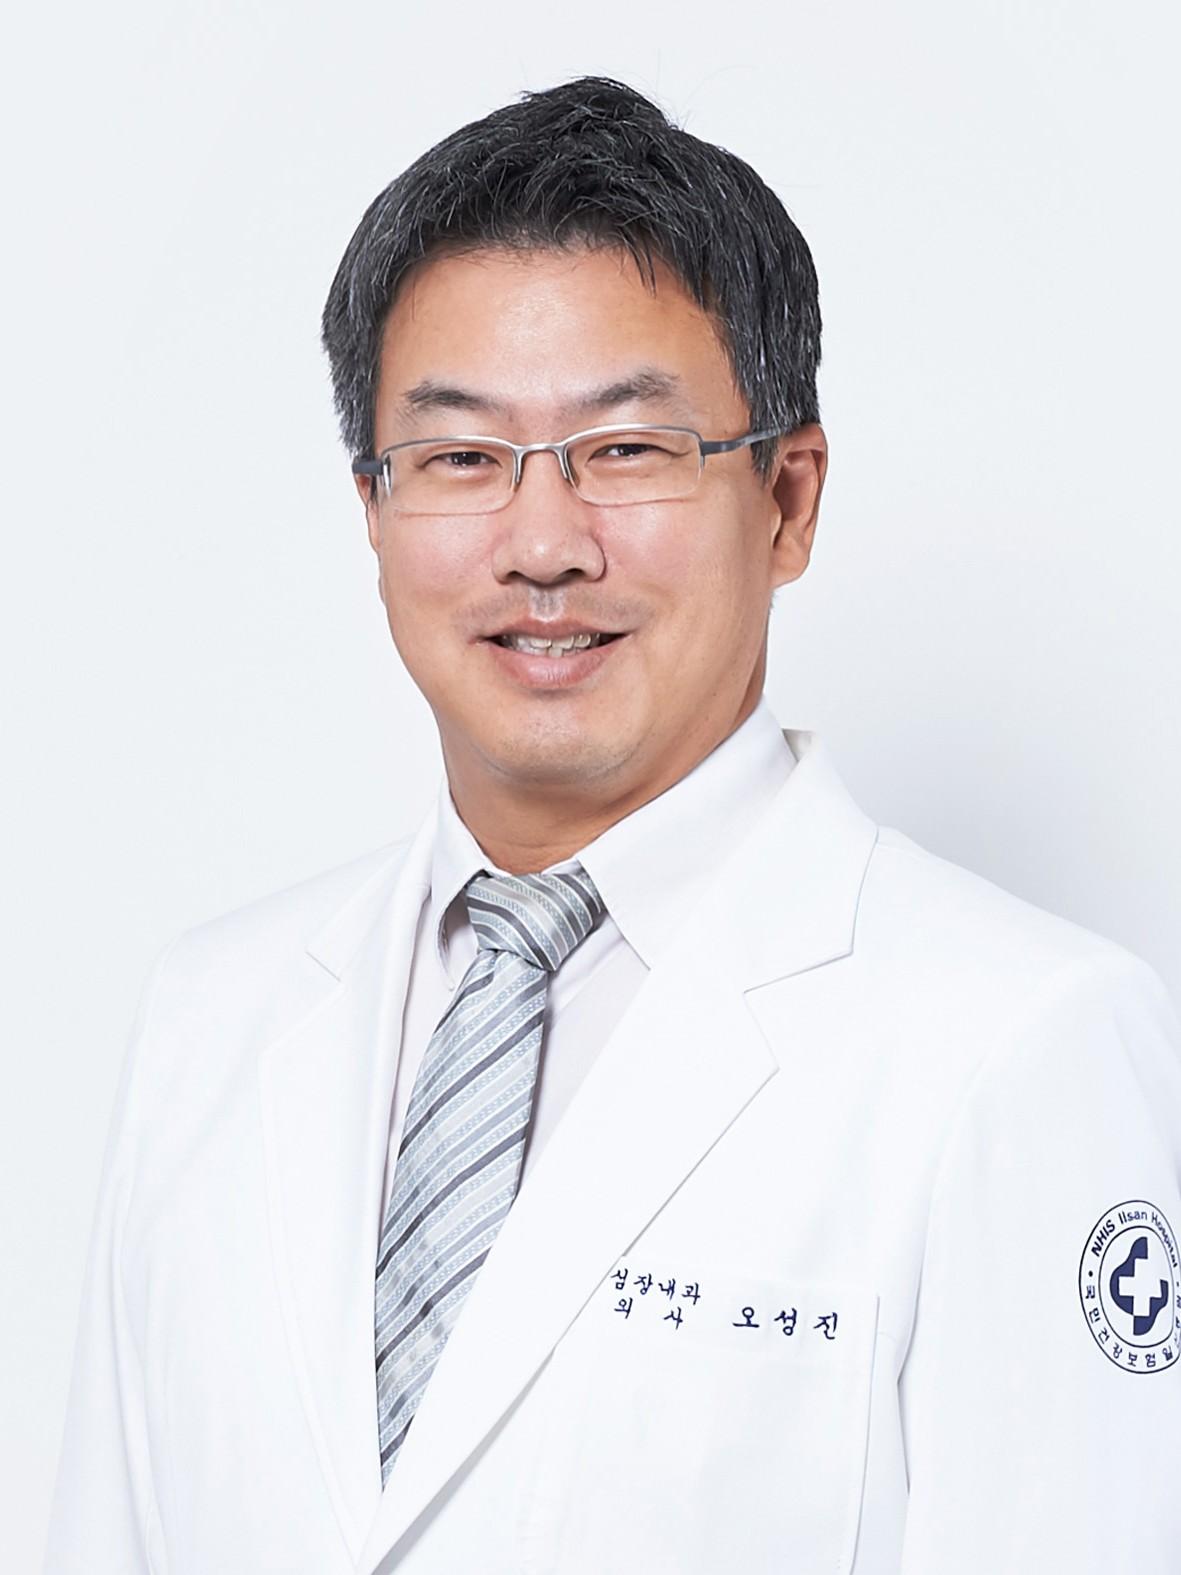 국민건강보험 일산병원 심장내과 오성진 교수